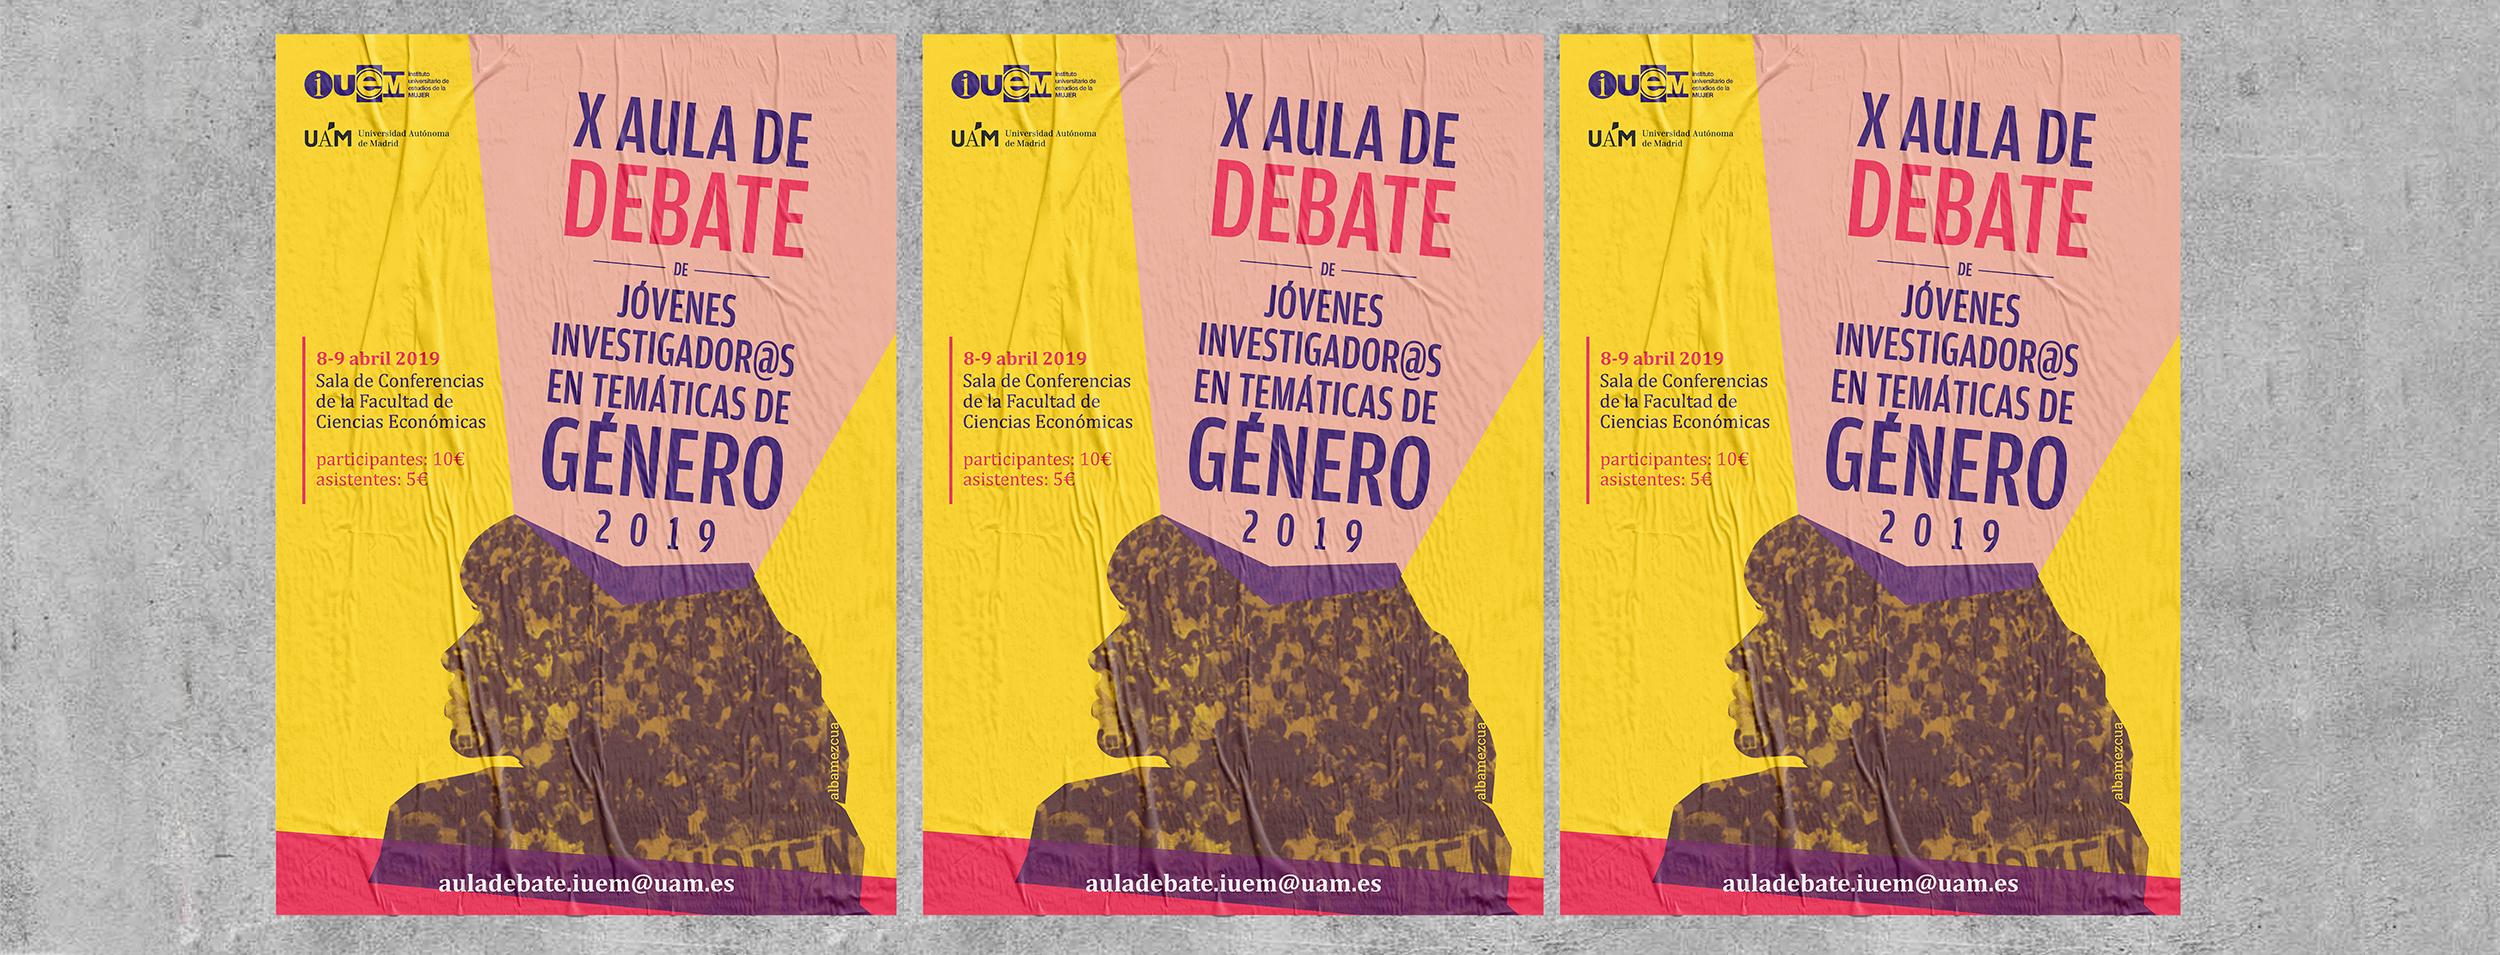 La imagen muestra tres carteles iguales del X Aula de Debate pegado en una pared de cemento. El cartel muestra la silueta de la cabeza de una persona, presumiblemente una mujer, en cuyo interior se ve la textura de una manifestación. De la cabeza sale una forma que recoge el título del Aula de debate y los datos.